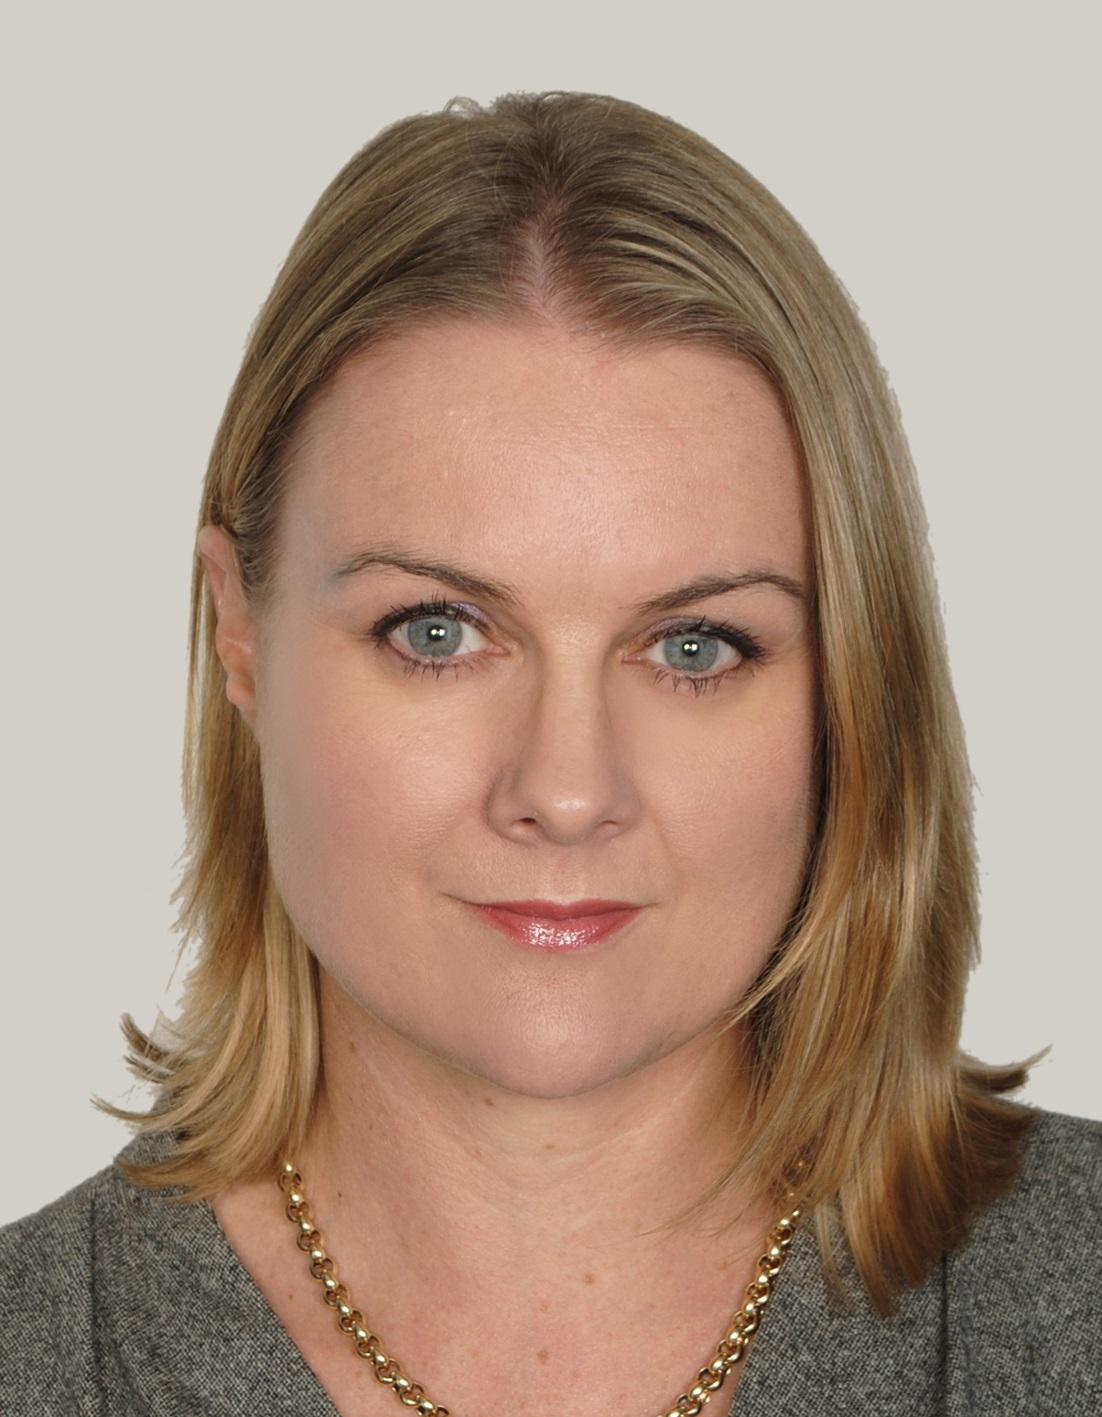 Vanessa Abernethy